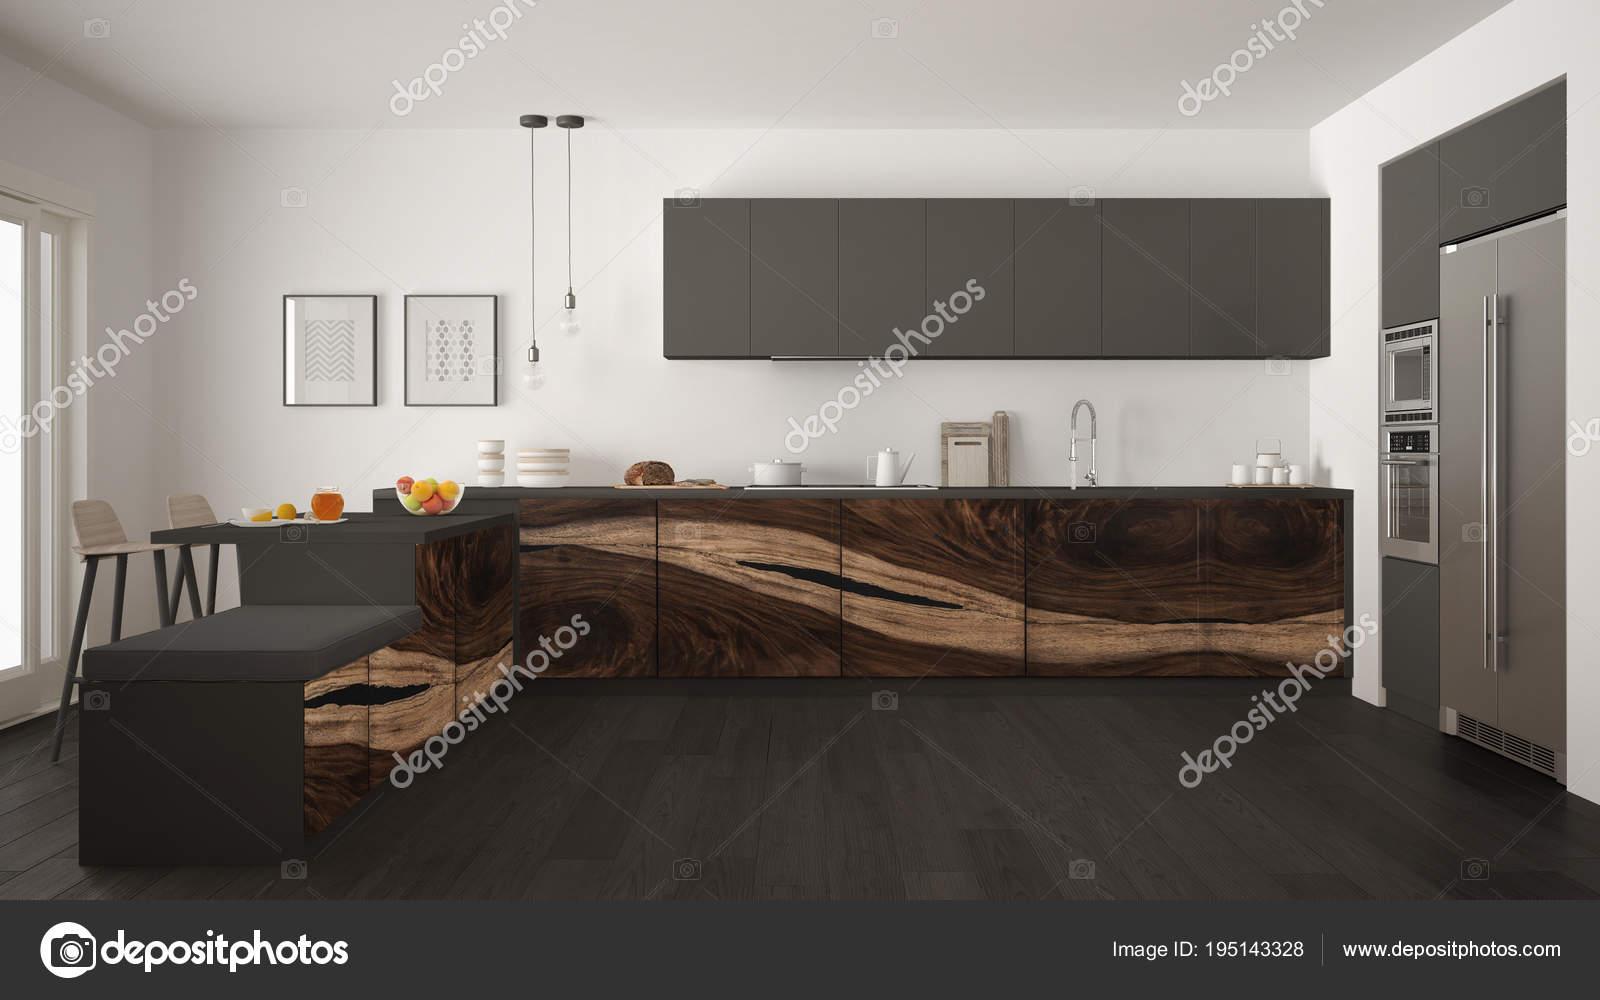 Pavimento Scuro Cucina: Cucina bianca pavimento scuro abbinamenti ...